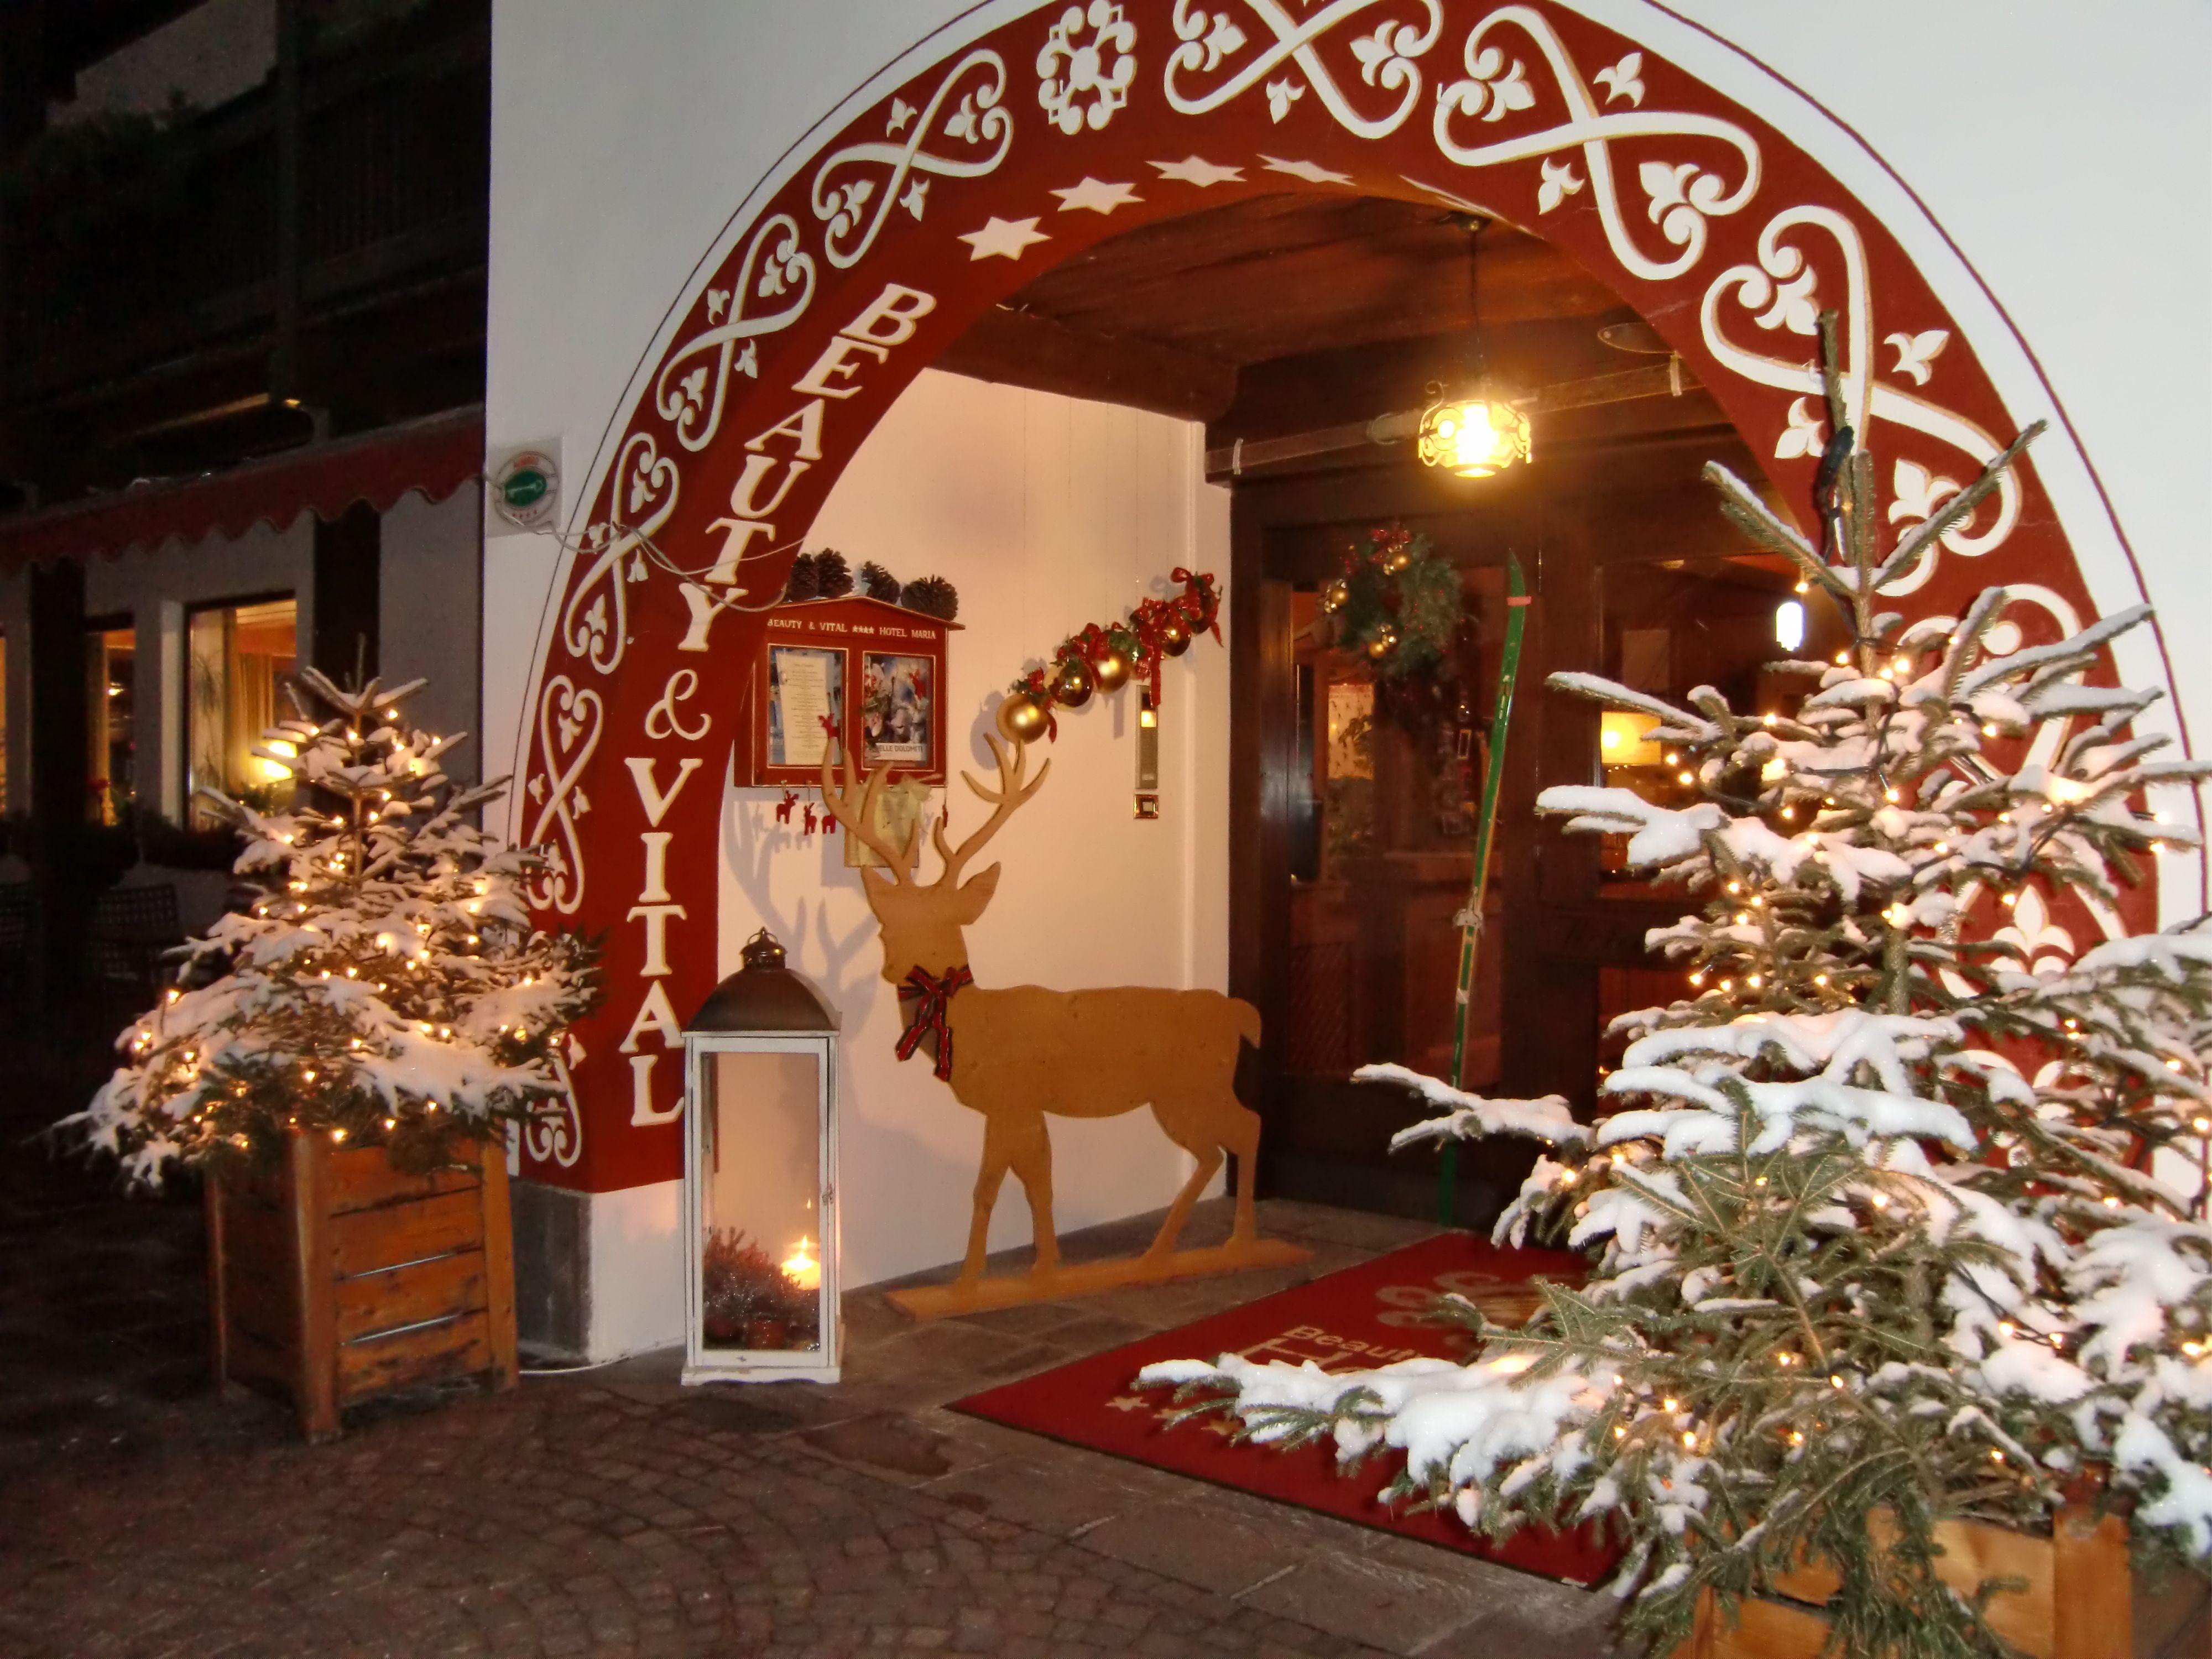 Soggiorni Benessere Inverno da € 90,00 ⊶ Cavalese - Carano - Val ...